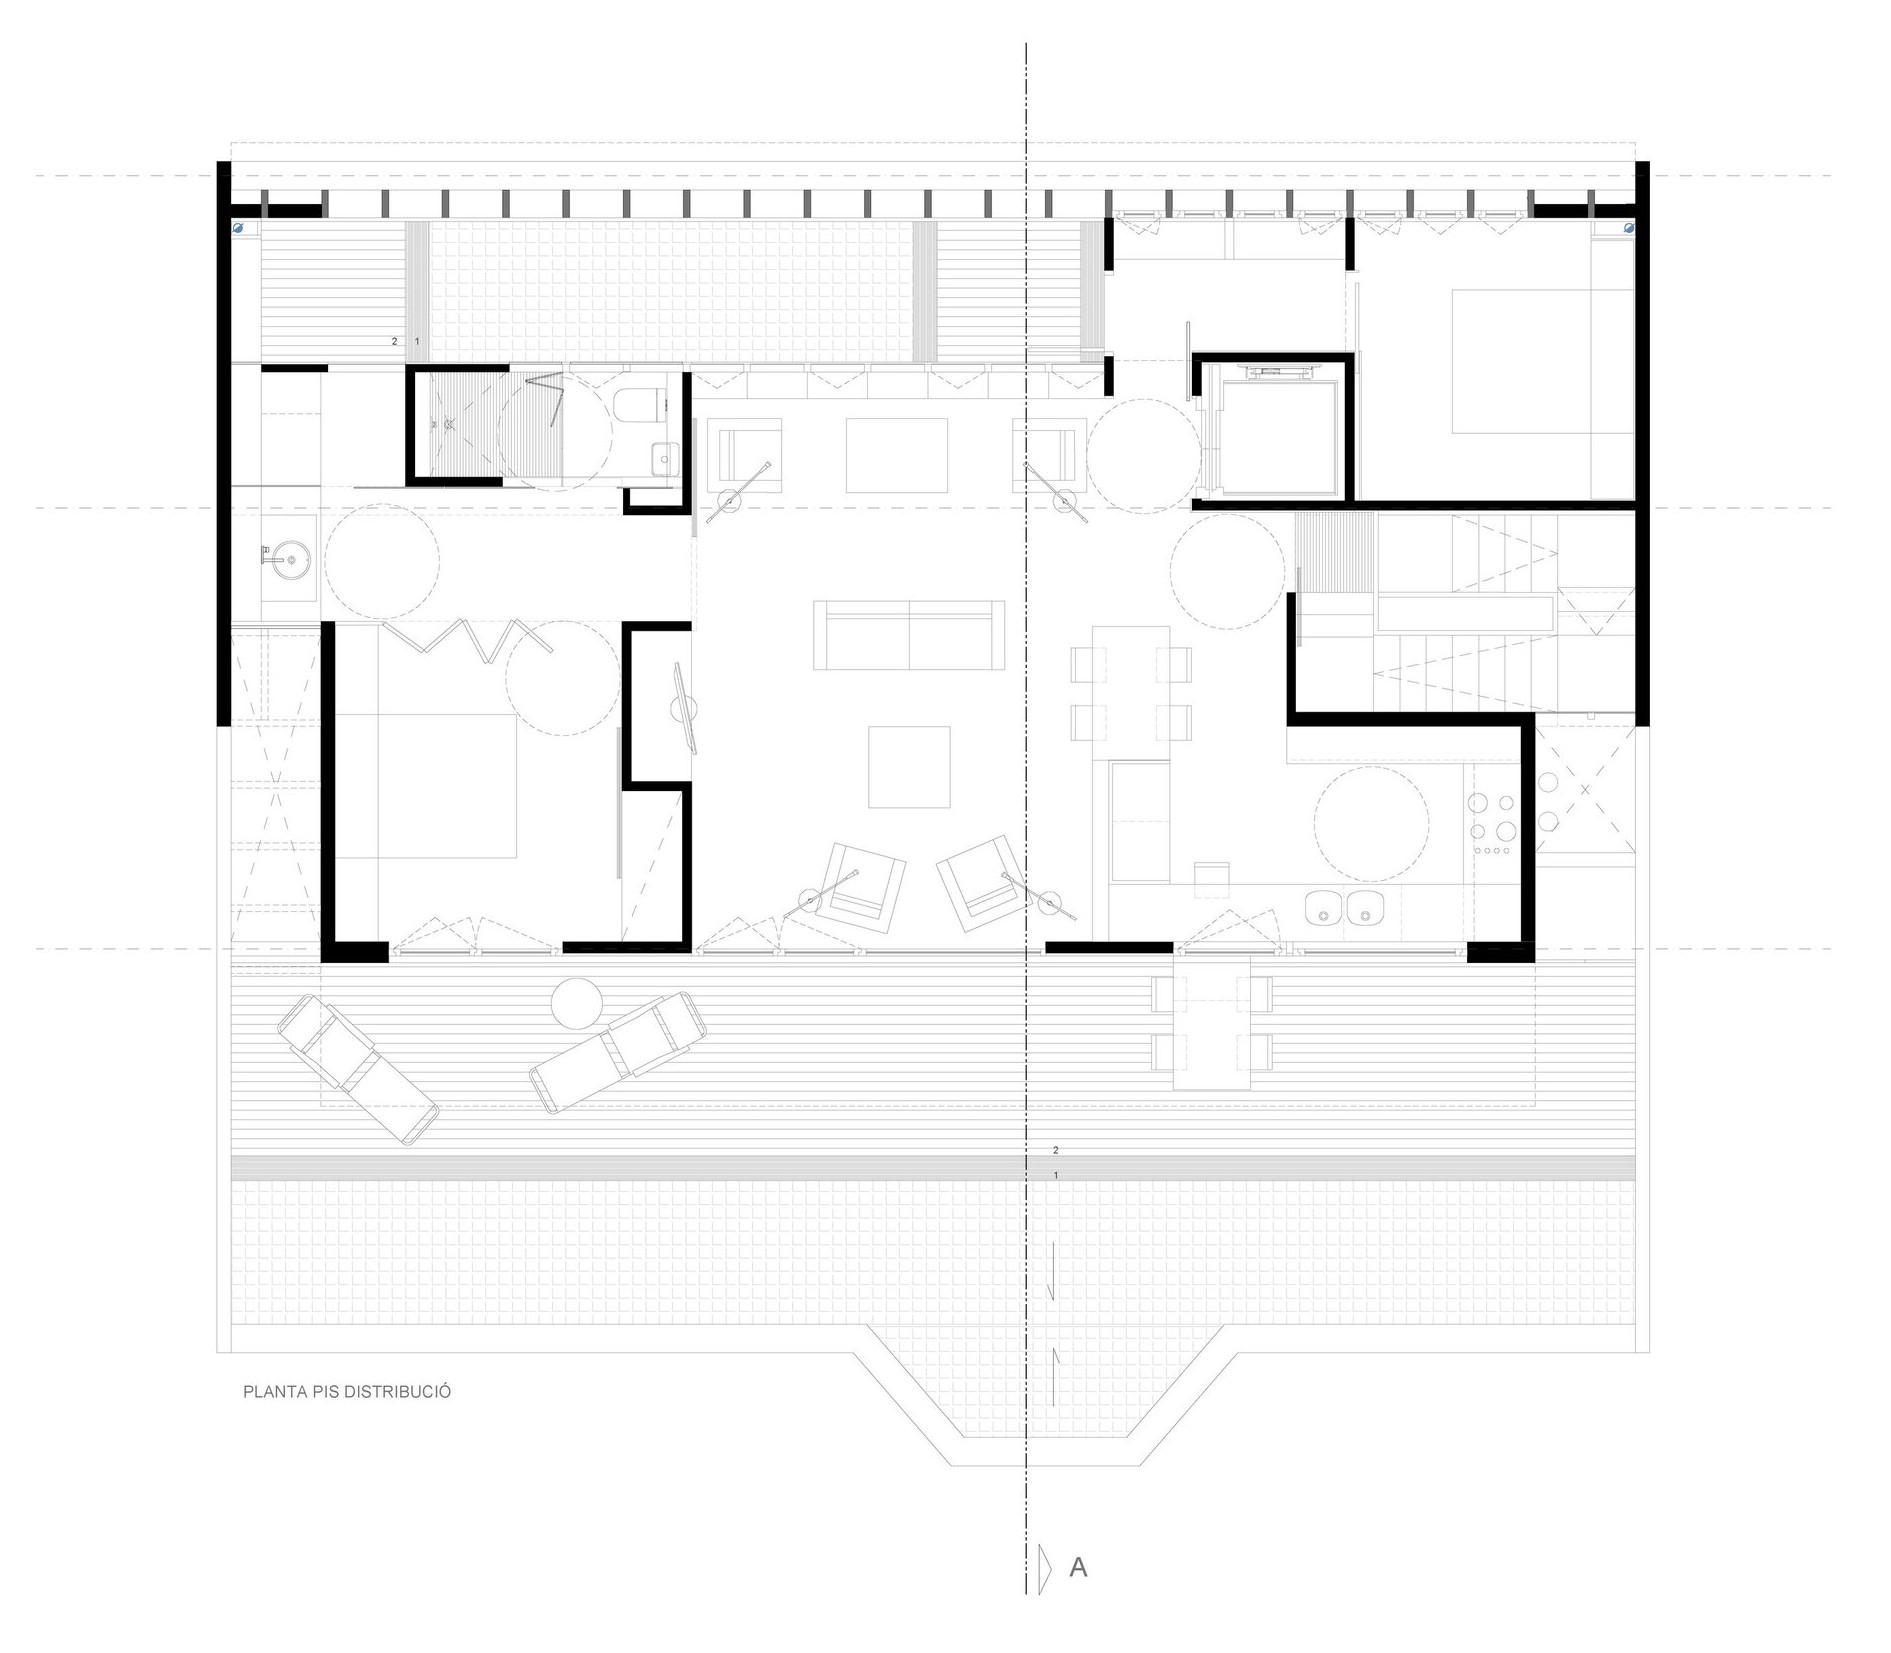 Planta de distribución de proyecto de remonta en edificio unifamiliar, Barcelona. Diseño de estudigaau arquitectes